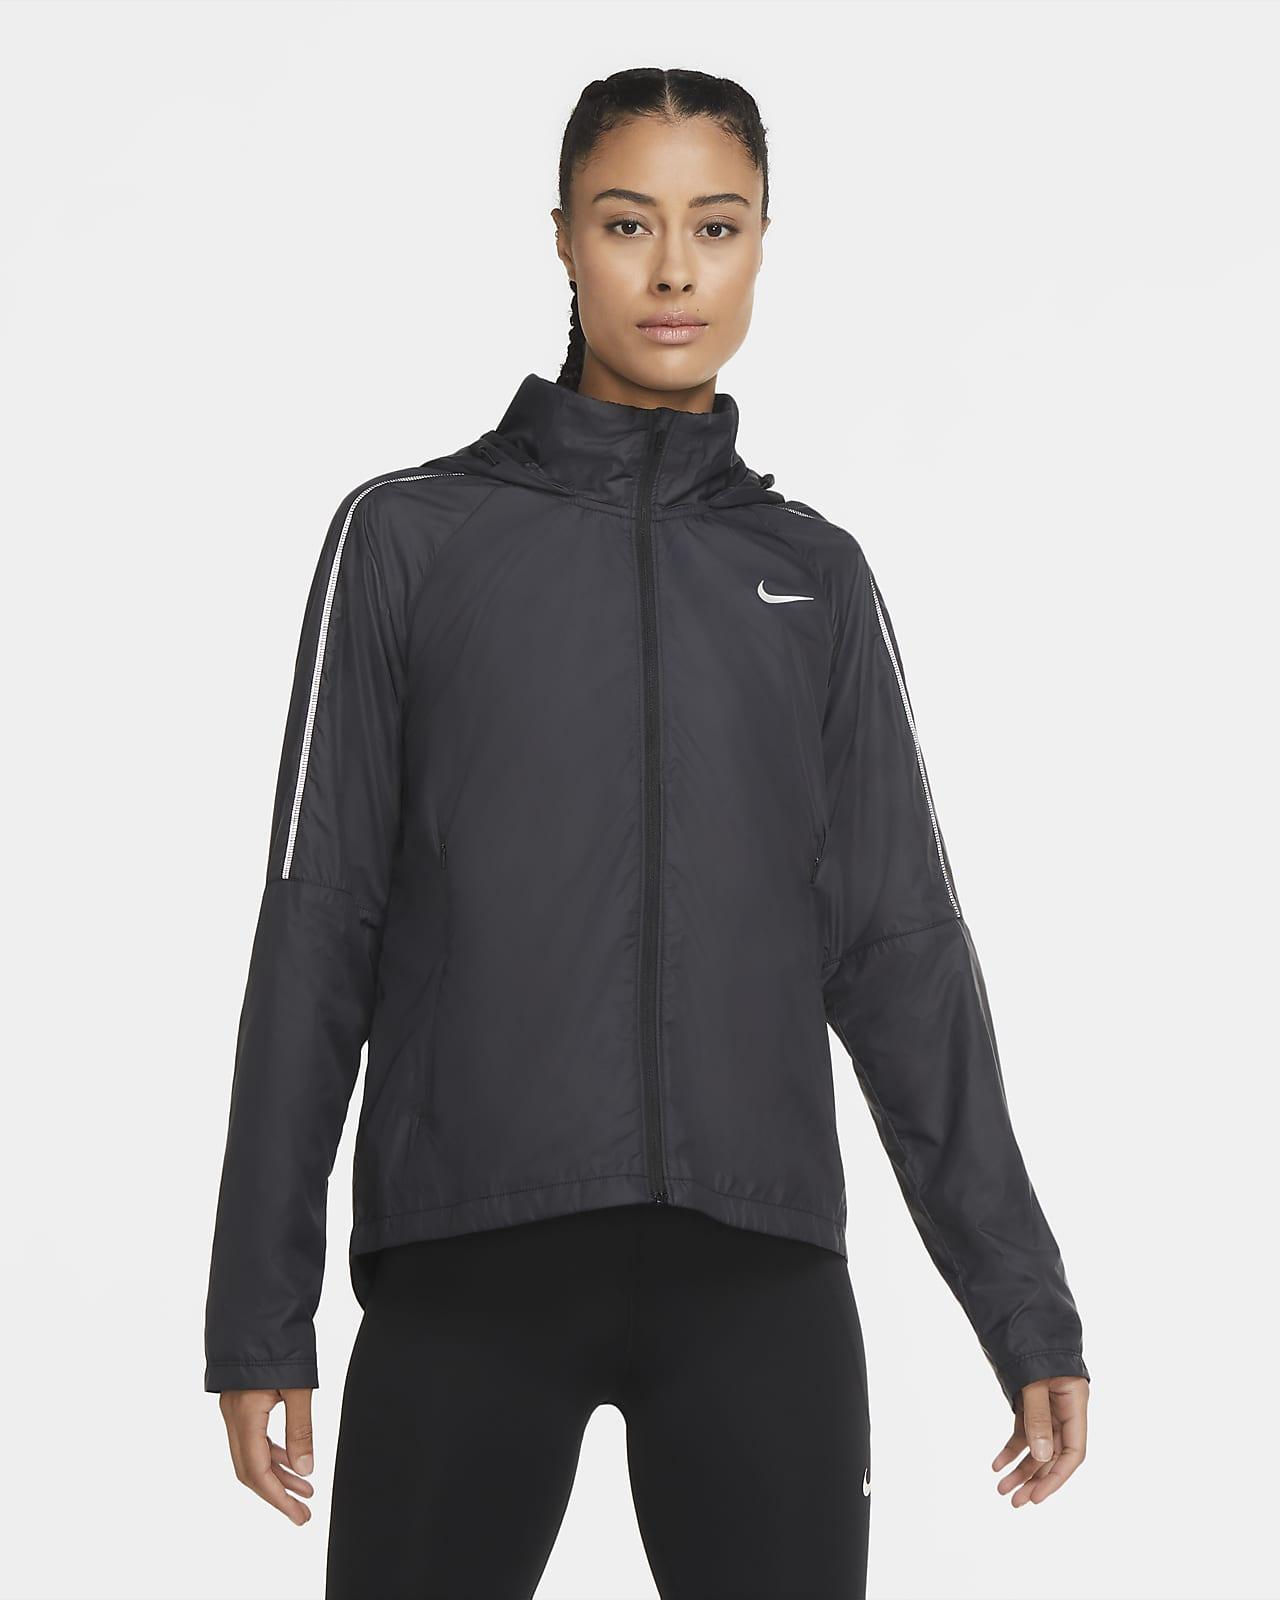 Nike Shield Hardloopjack voor dames